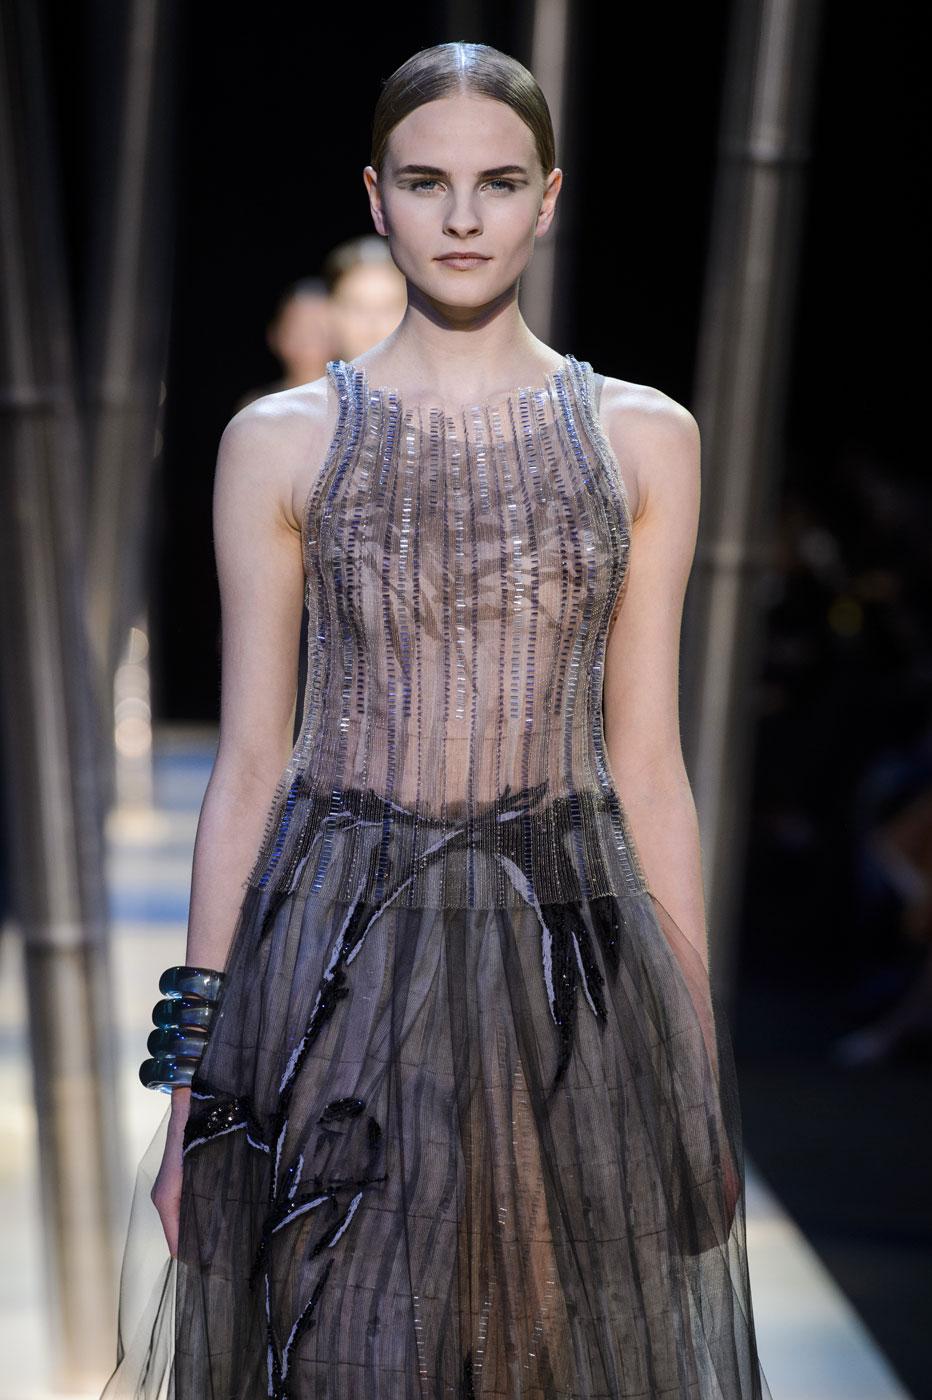 Giorgio-armani-Prive-fashion-runway-show-haute-couture-paris-spring-2015-the-impression-118